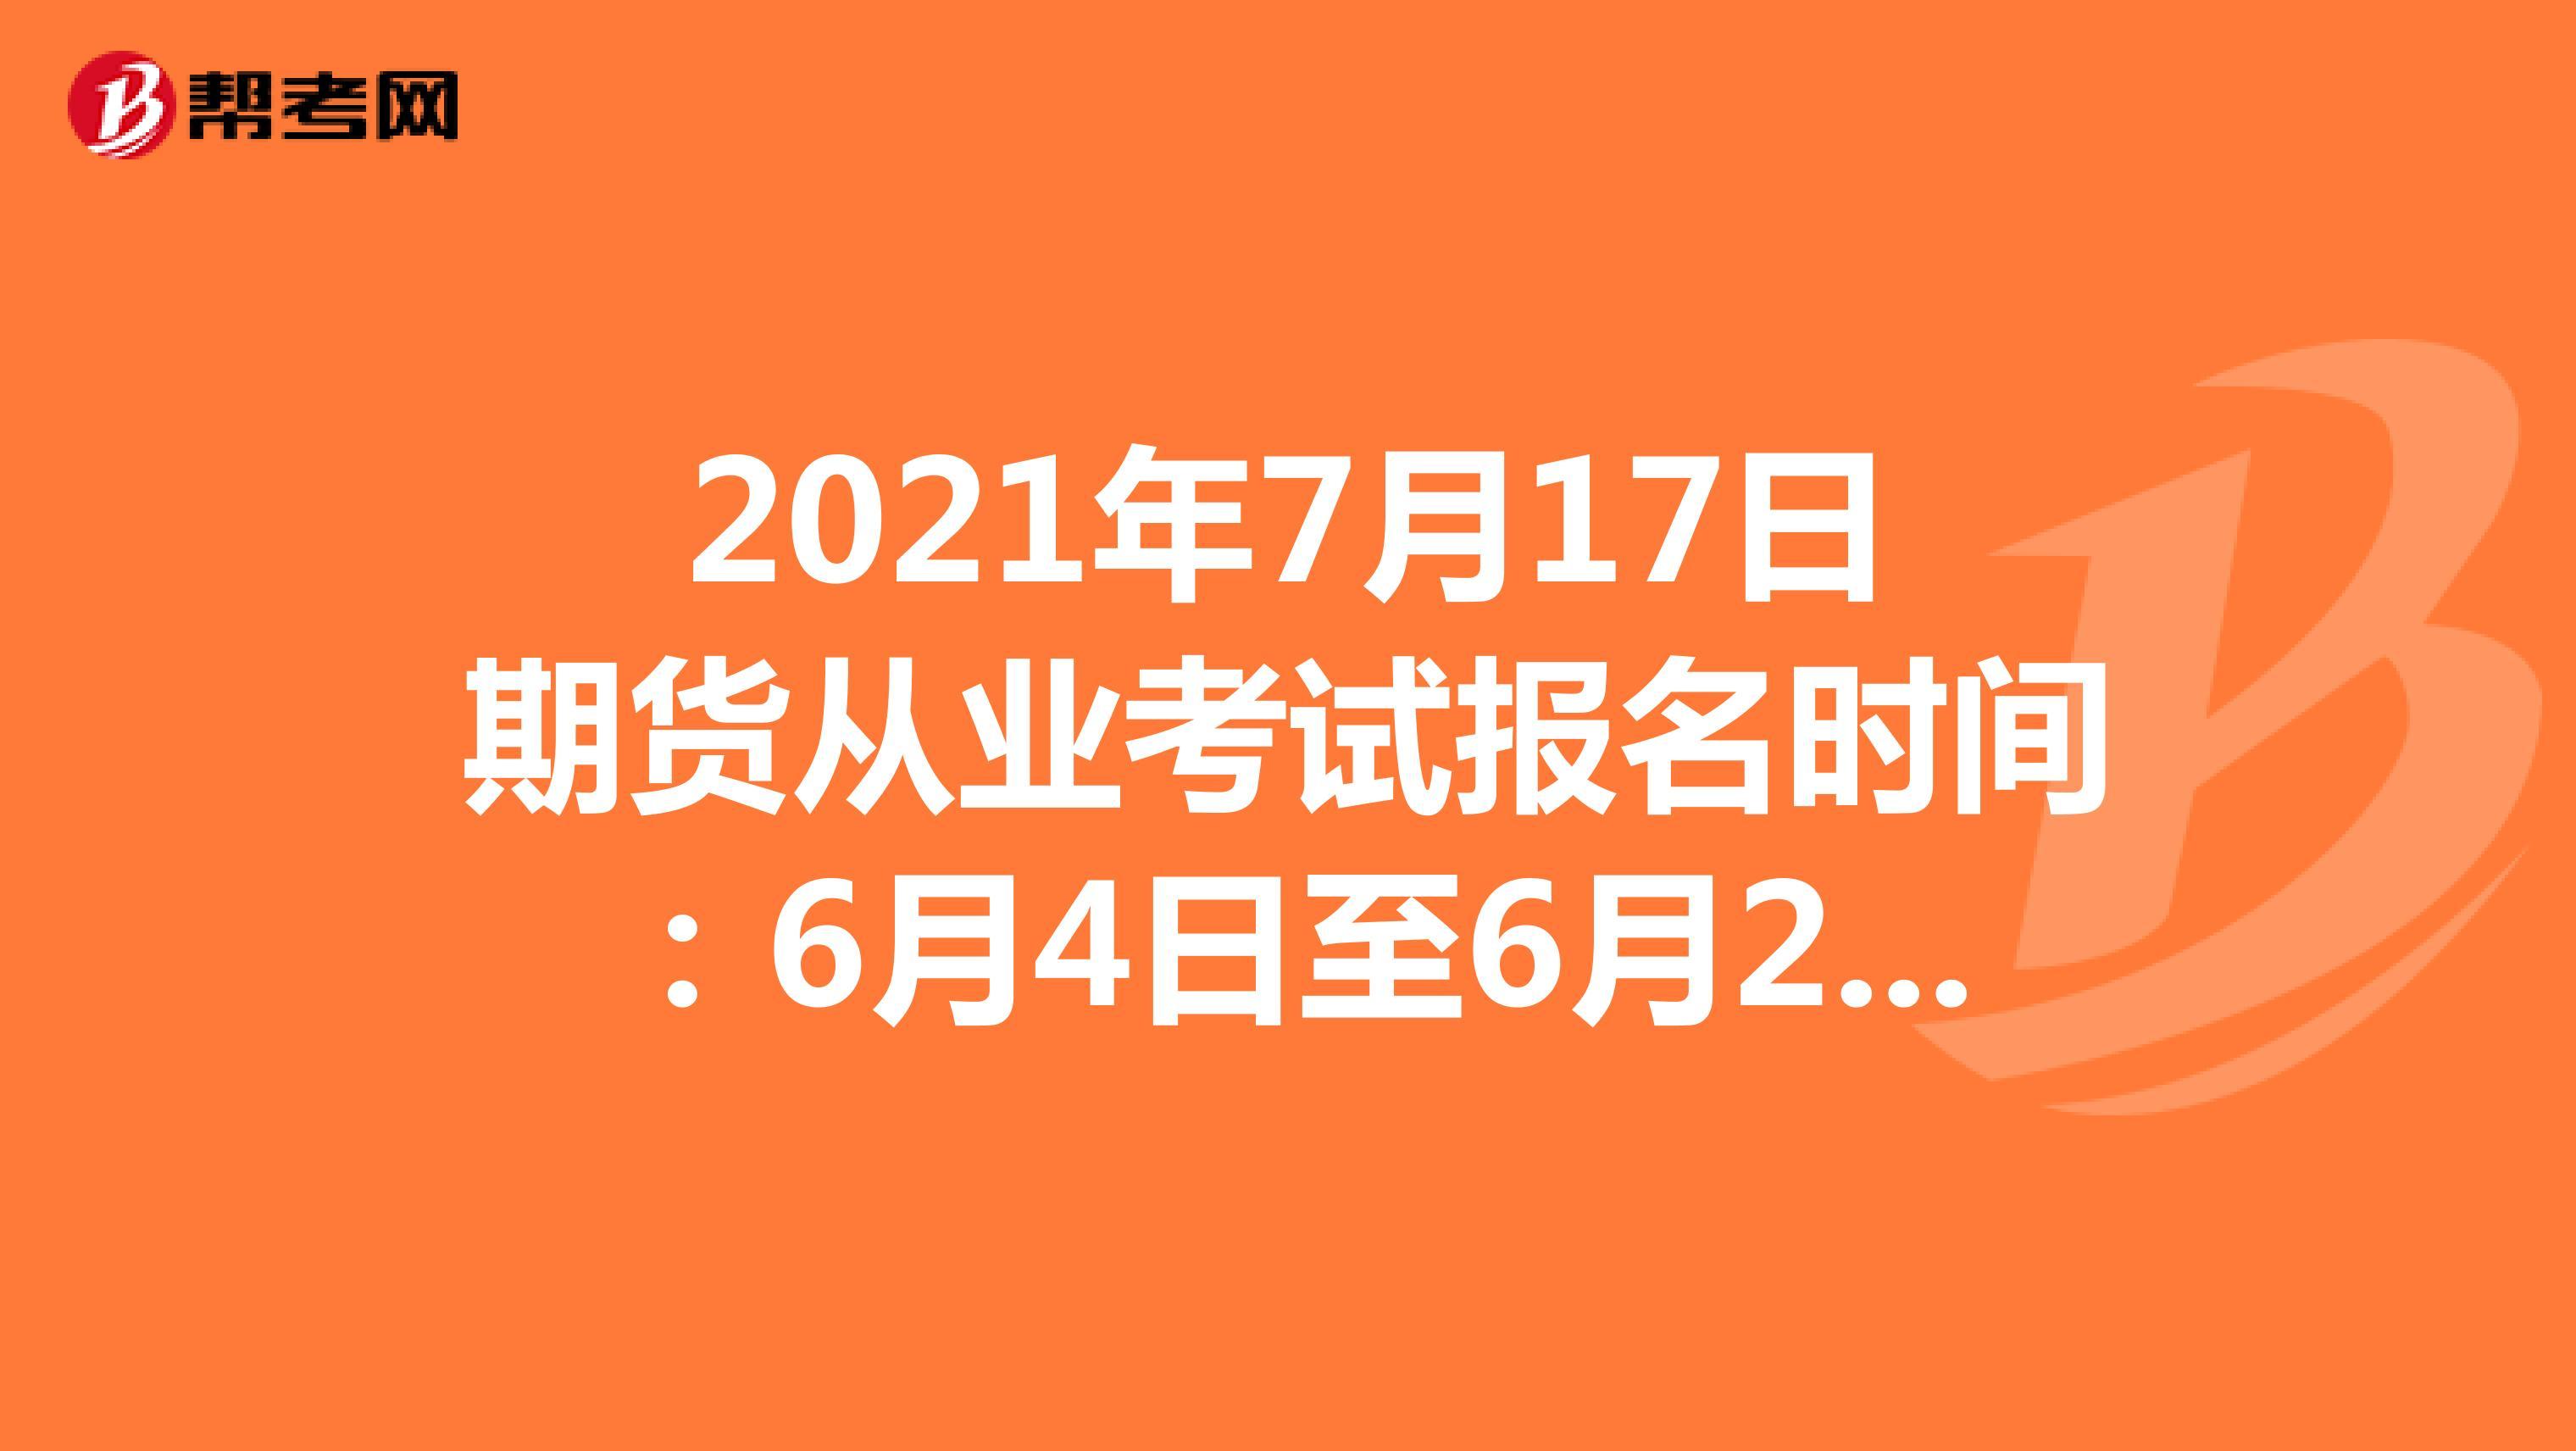 2021年9月11日期货从业考试报名时间:8月9日至8月25日